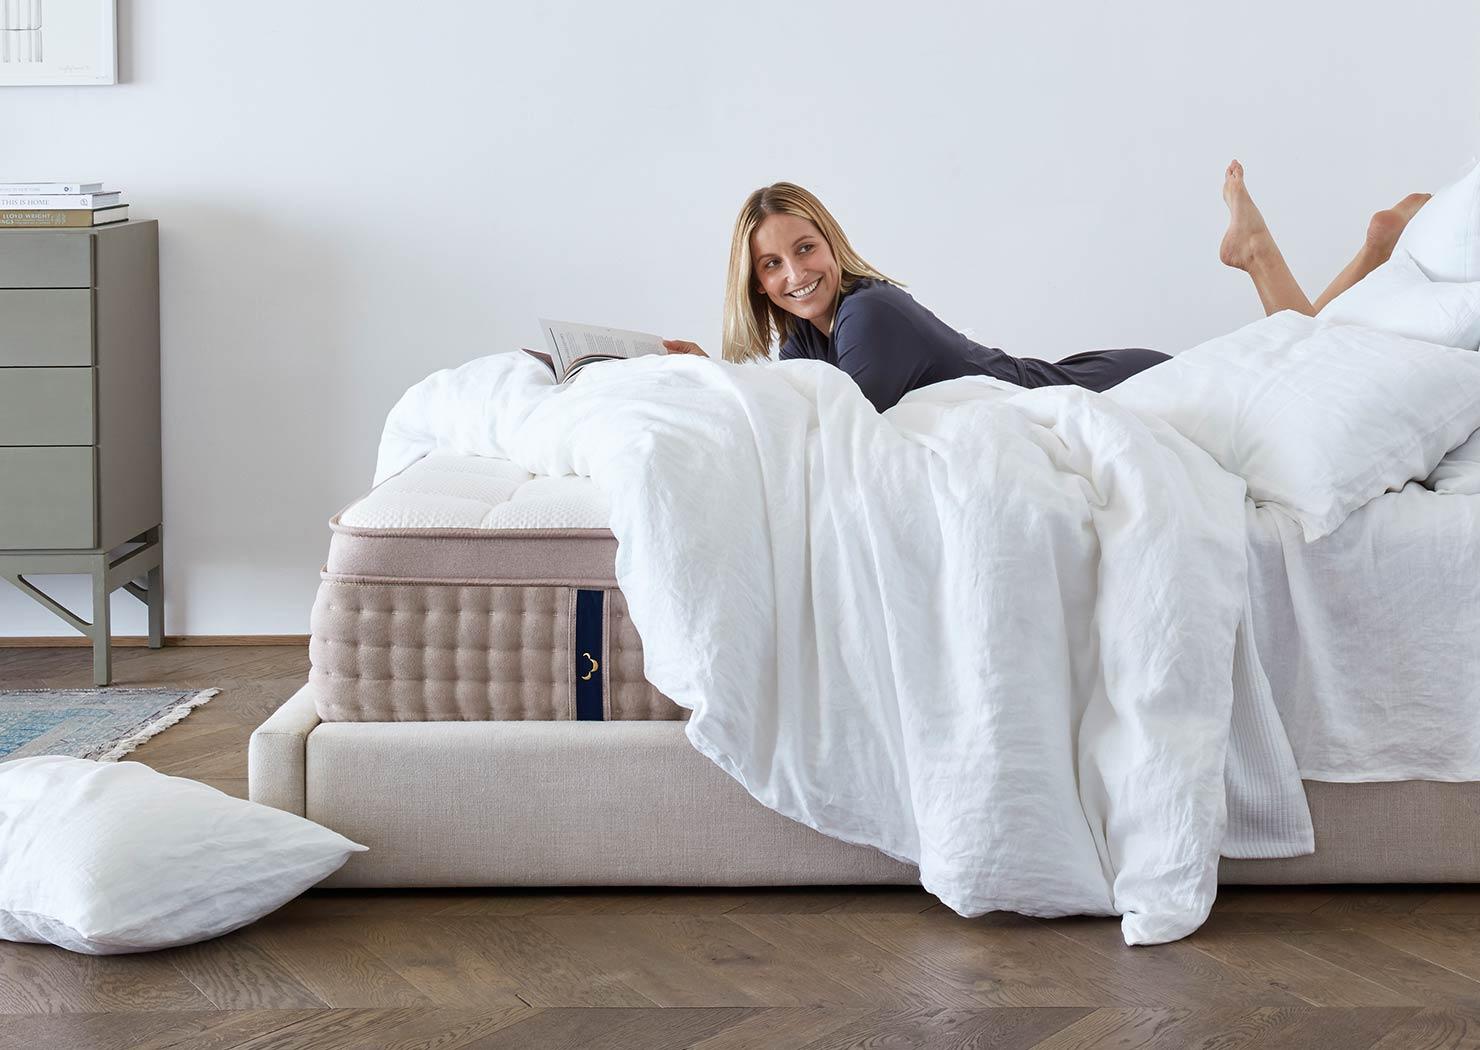 DreamCloud bed